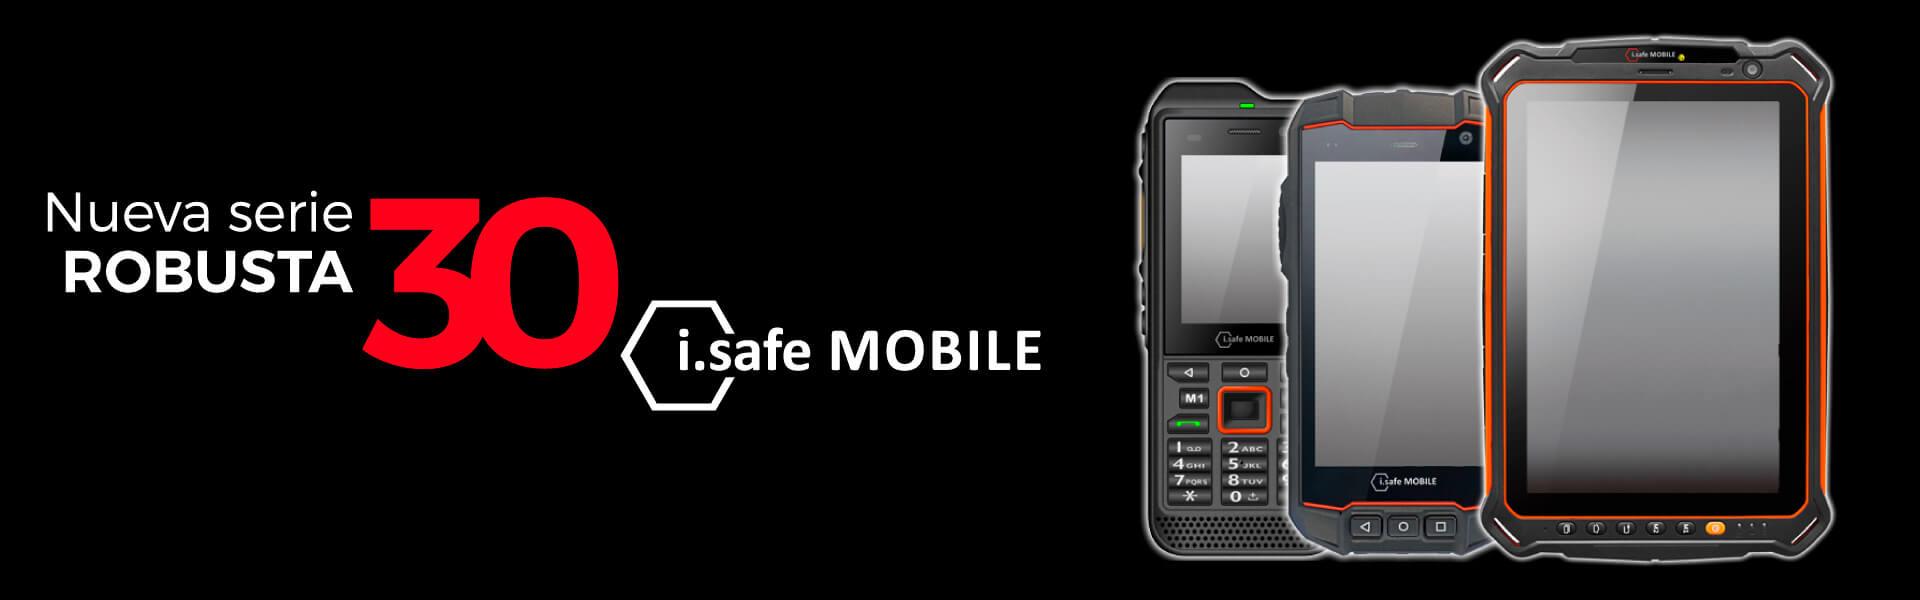 Nueva serie 30's de i.safe MOBILE